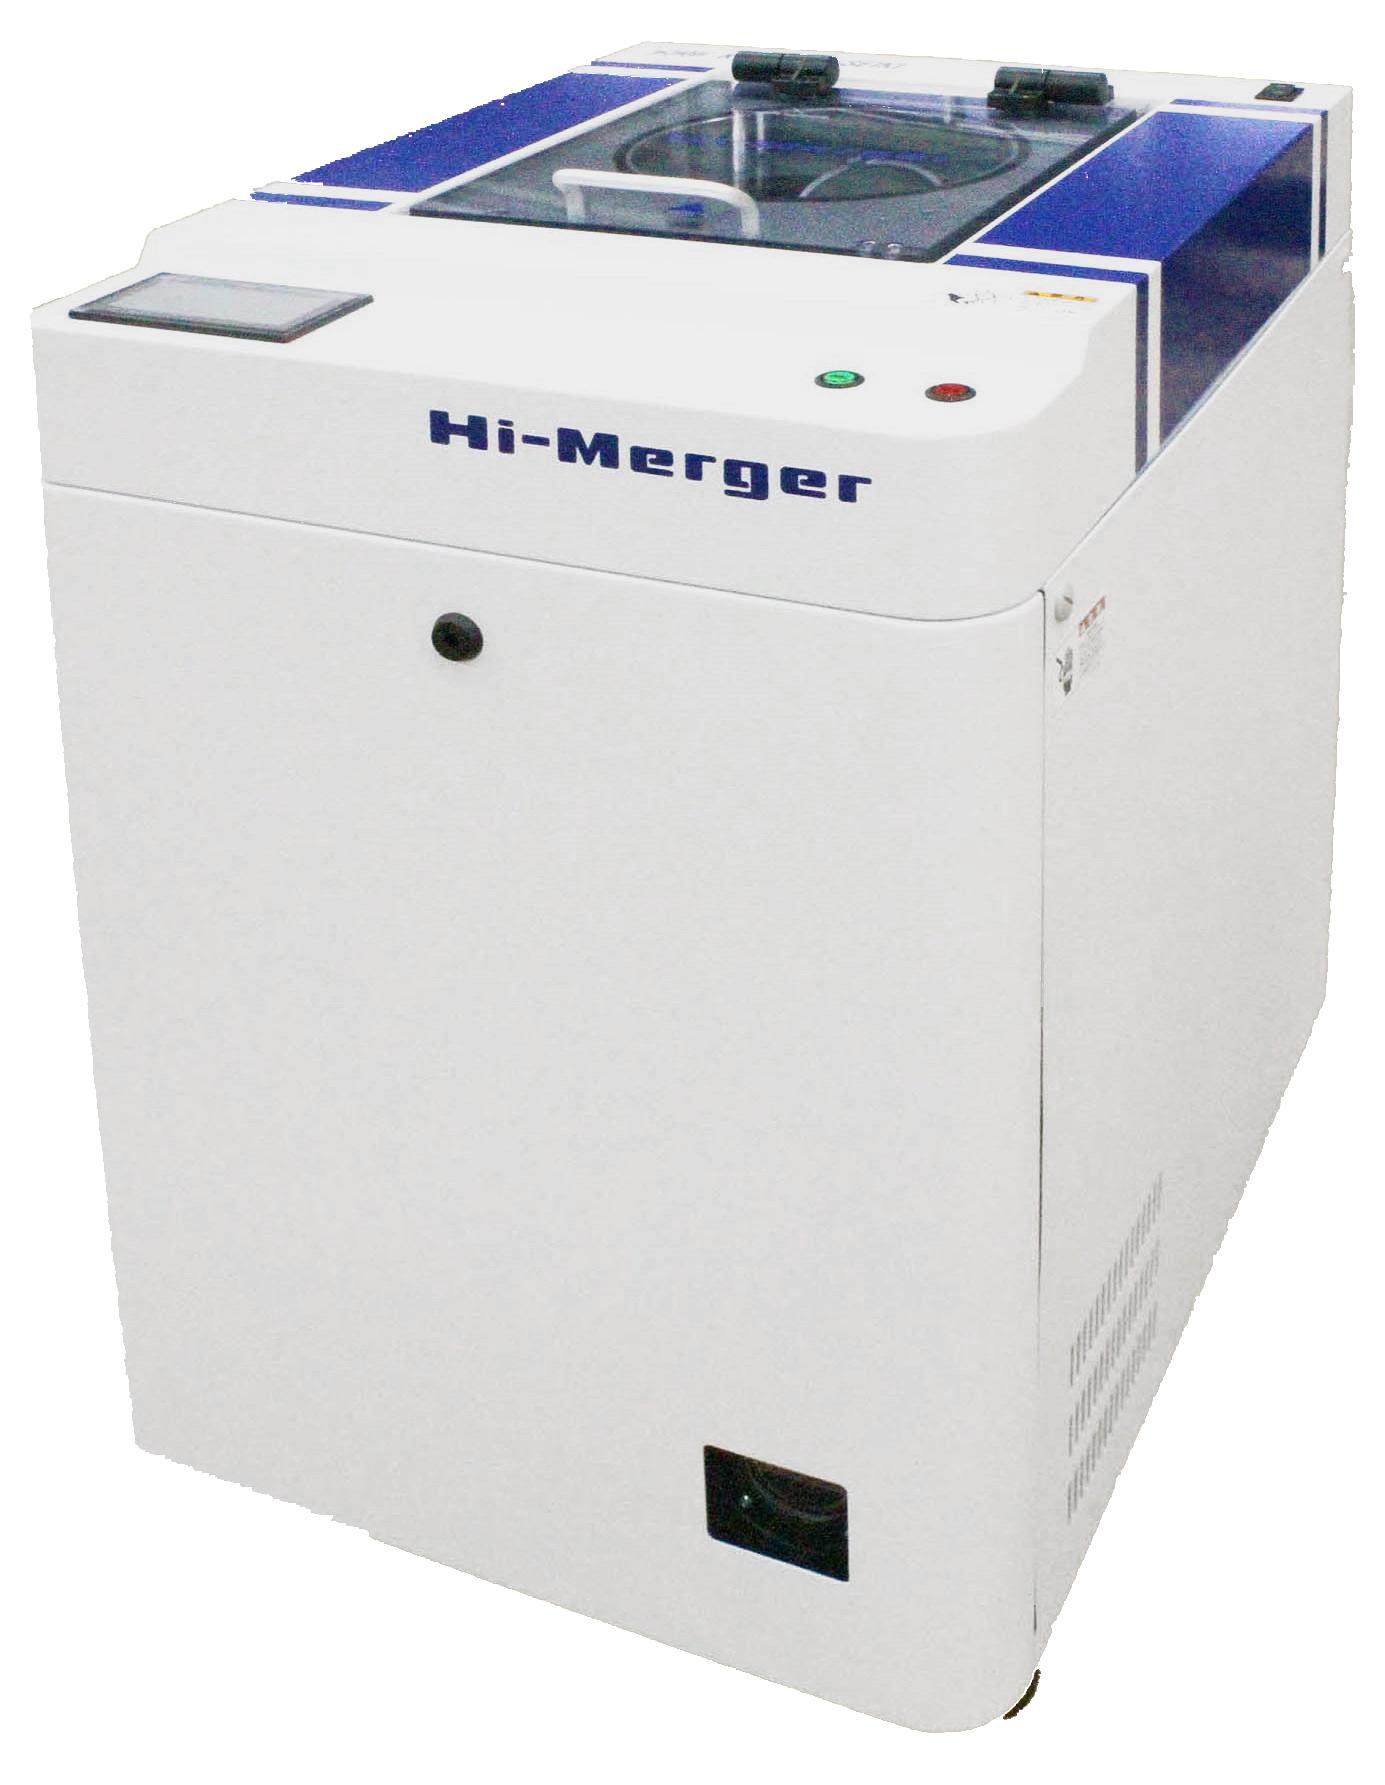 自転公転式撹拌脱泡機『Hi-Merger』HM-400WV